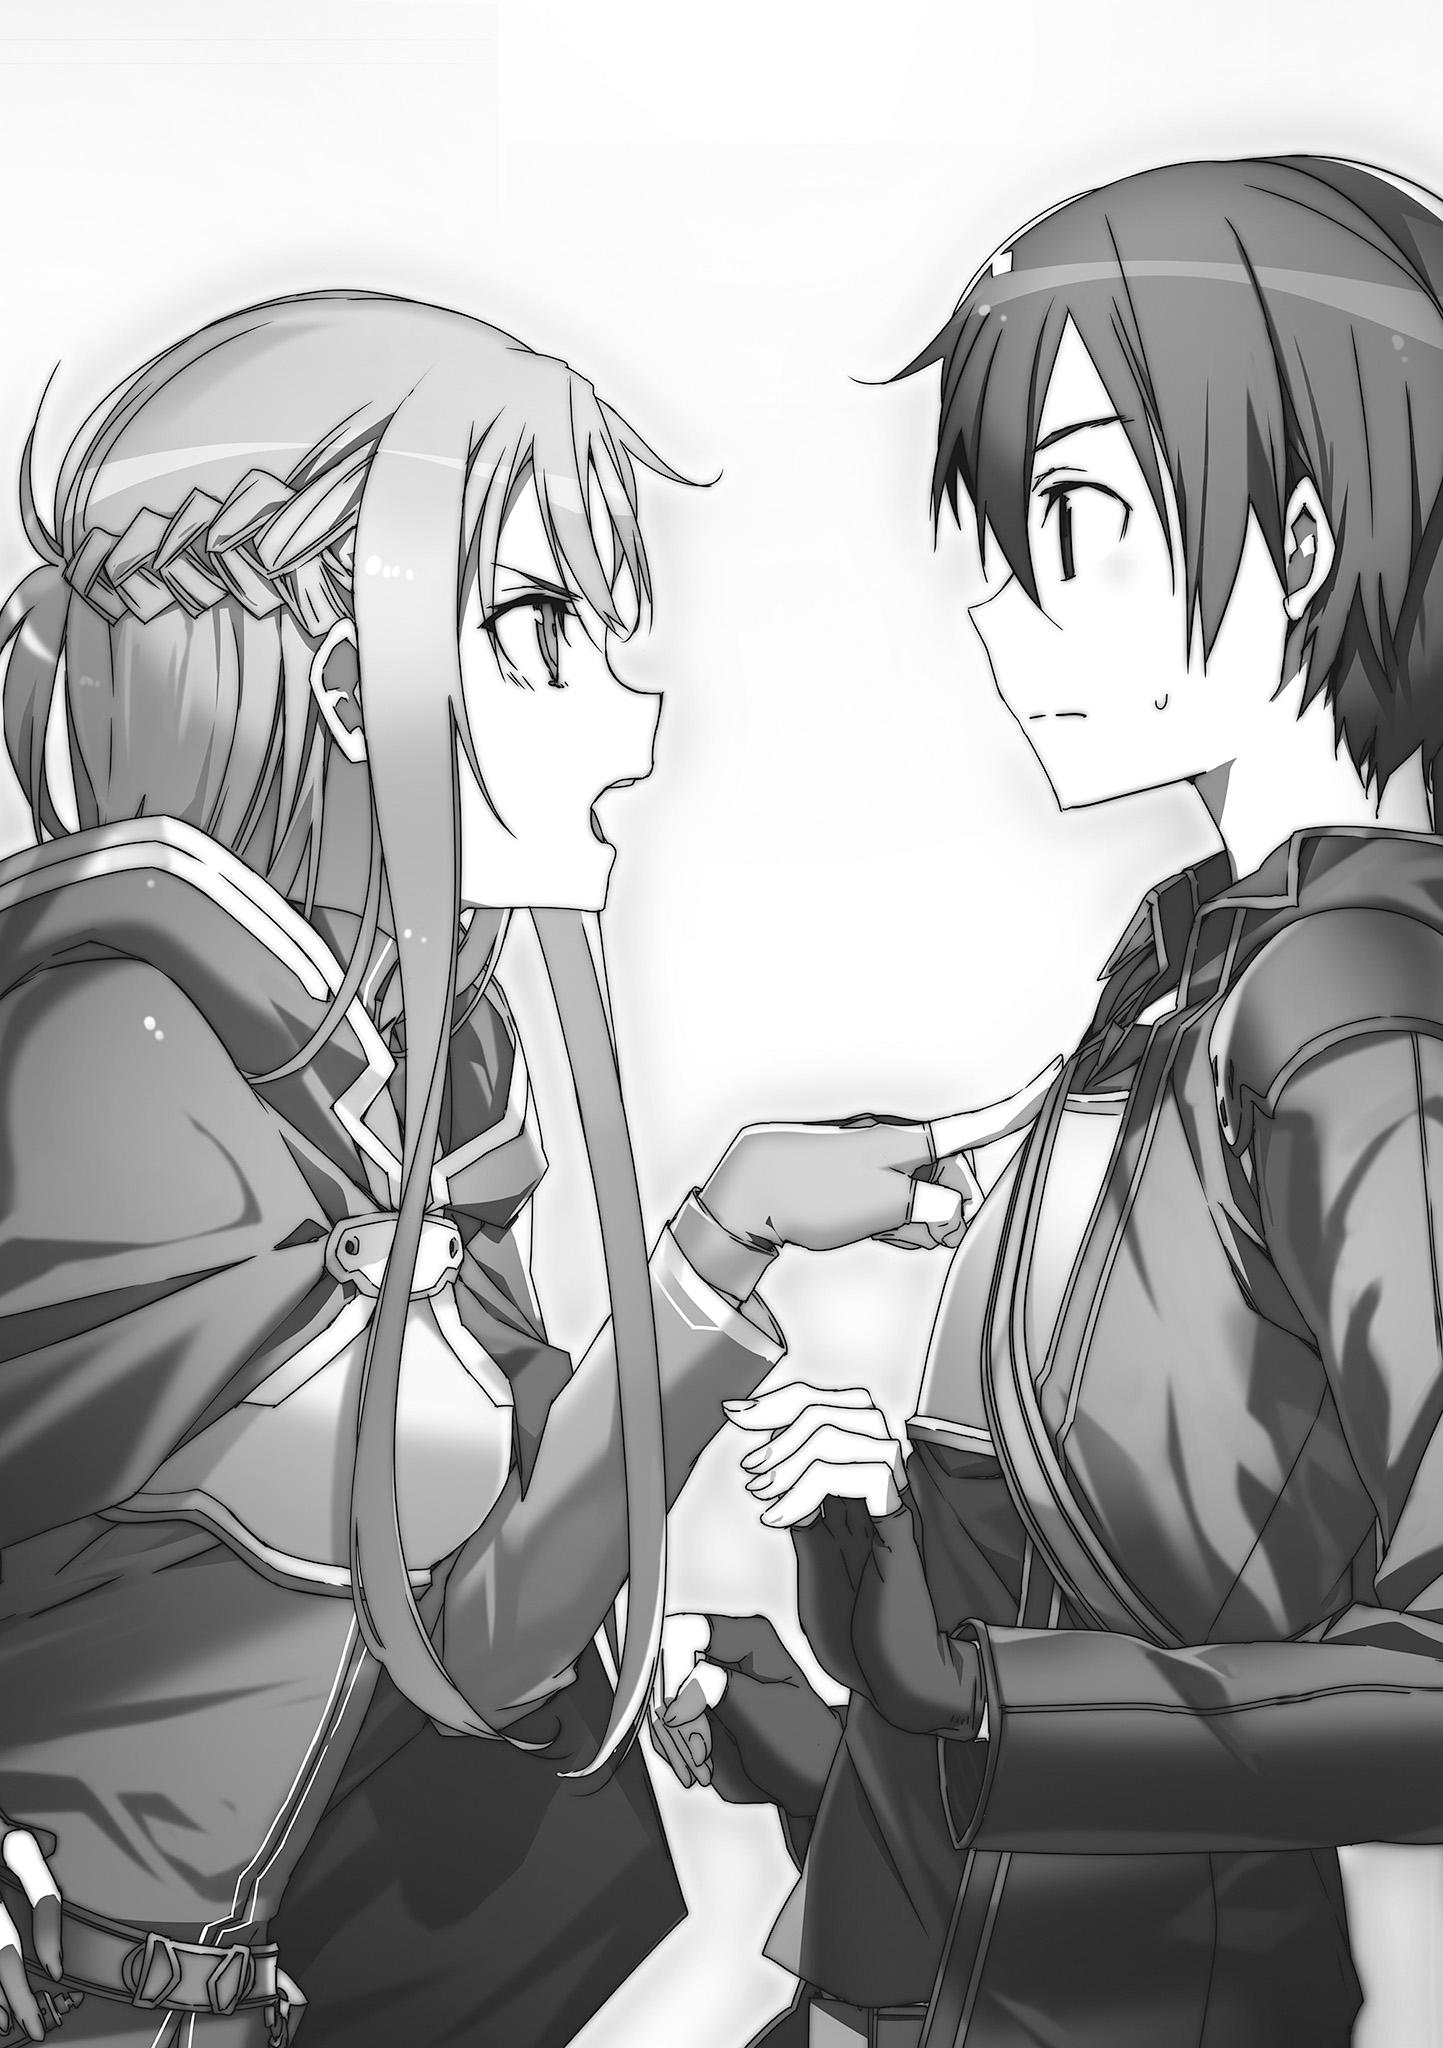 Pinterest | Sword art online, Illustration, Anime